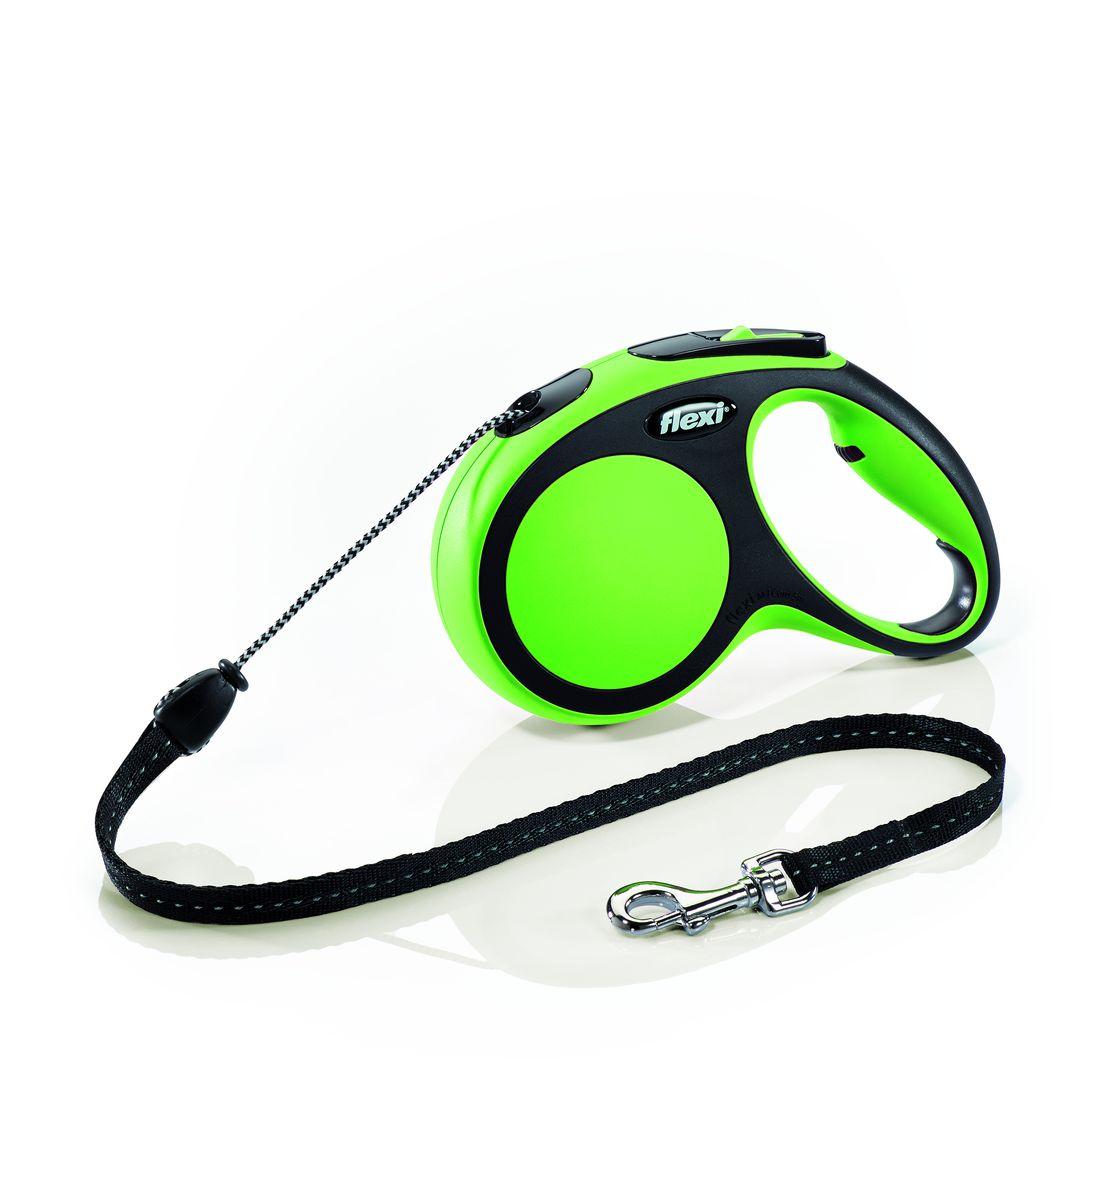 Поводок-рулетка Flexi New Comfort М, трос, для собак весом до 20 кг, цвет: черный, зеленый, 5 м0120710Тросовый поводок-рулетка обеспечивает каждой собаке свободу движения, что идет на пользу здоровью и радует вашего четвероногого друга. Рулетка очень проста в использовании. Оснащена кнопками кратковременной и постоянной фиксации. Рулетку можно оснастить - мультибоксом для лакомств или пакетиков для сбора фекалий, LED подсветкой корпуса.Прочный корпус, хромированная застежка и светоотражающие элементы.На рукоятке имеется колесико позволяющее адаптировать размер рукоятки под размер рукиДлина 5 м.Для собак весом до 20 кг.